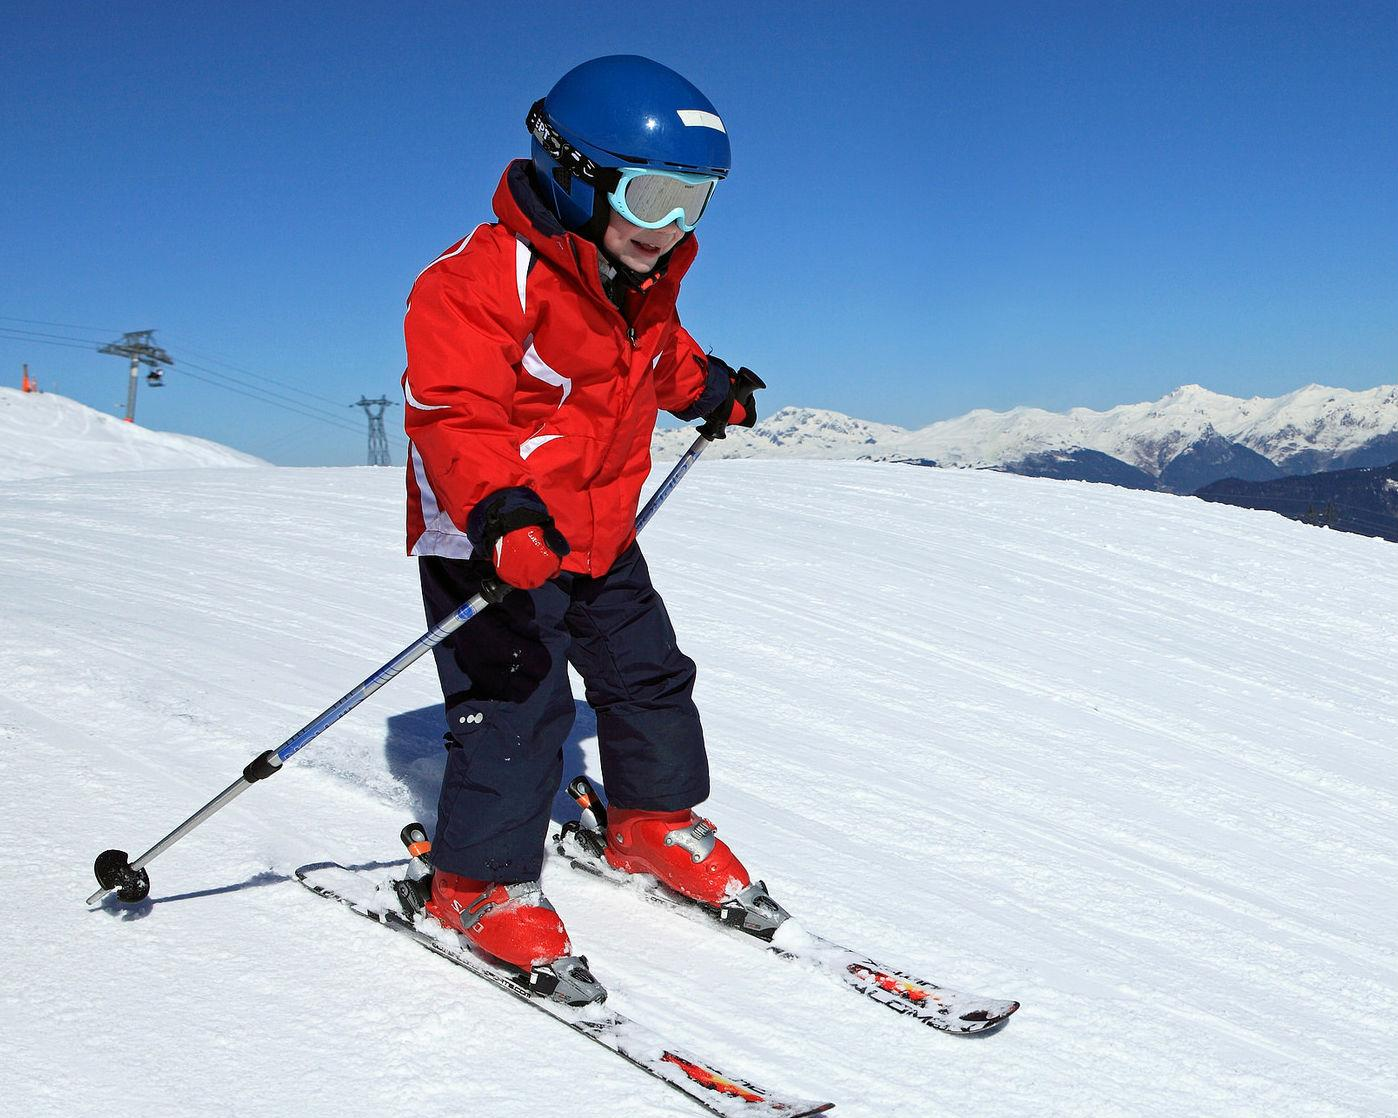 Cours particulier de ski Enfants (4-12 ans) - Tous niveaux